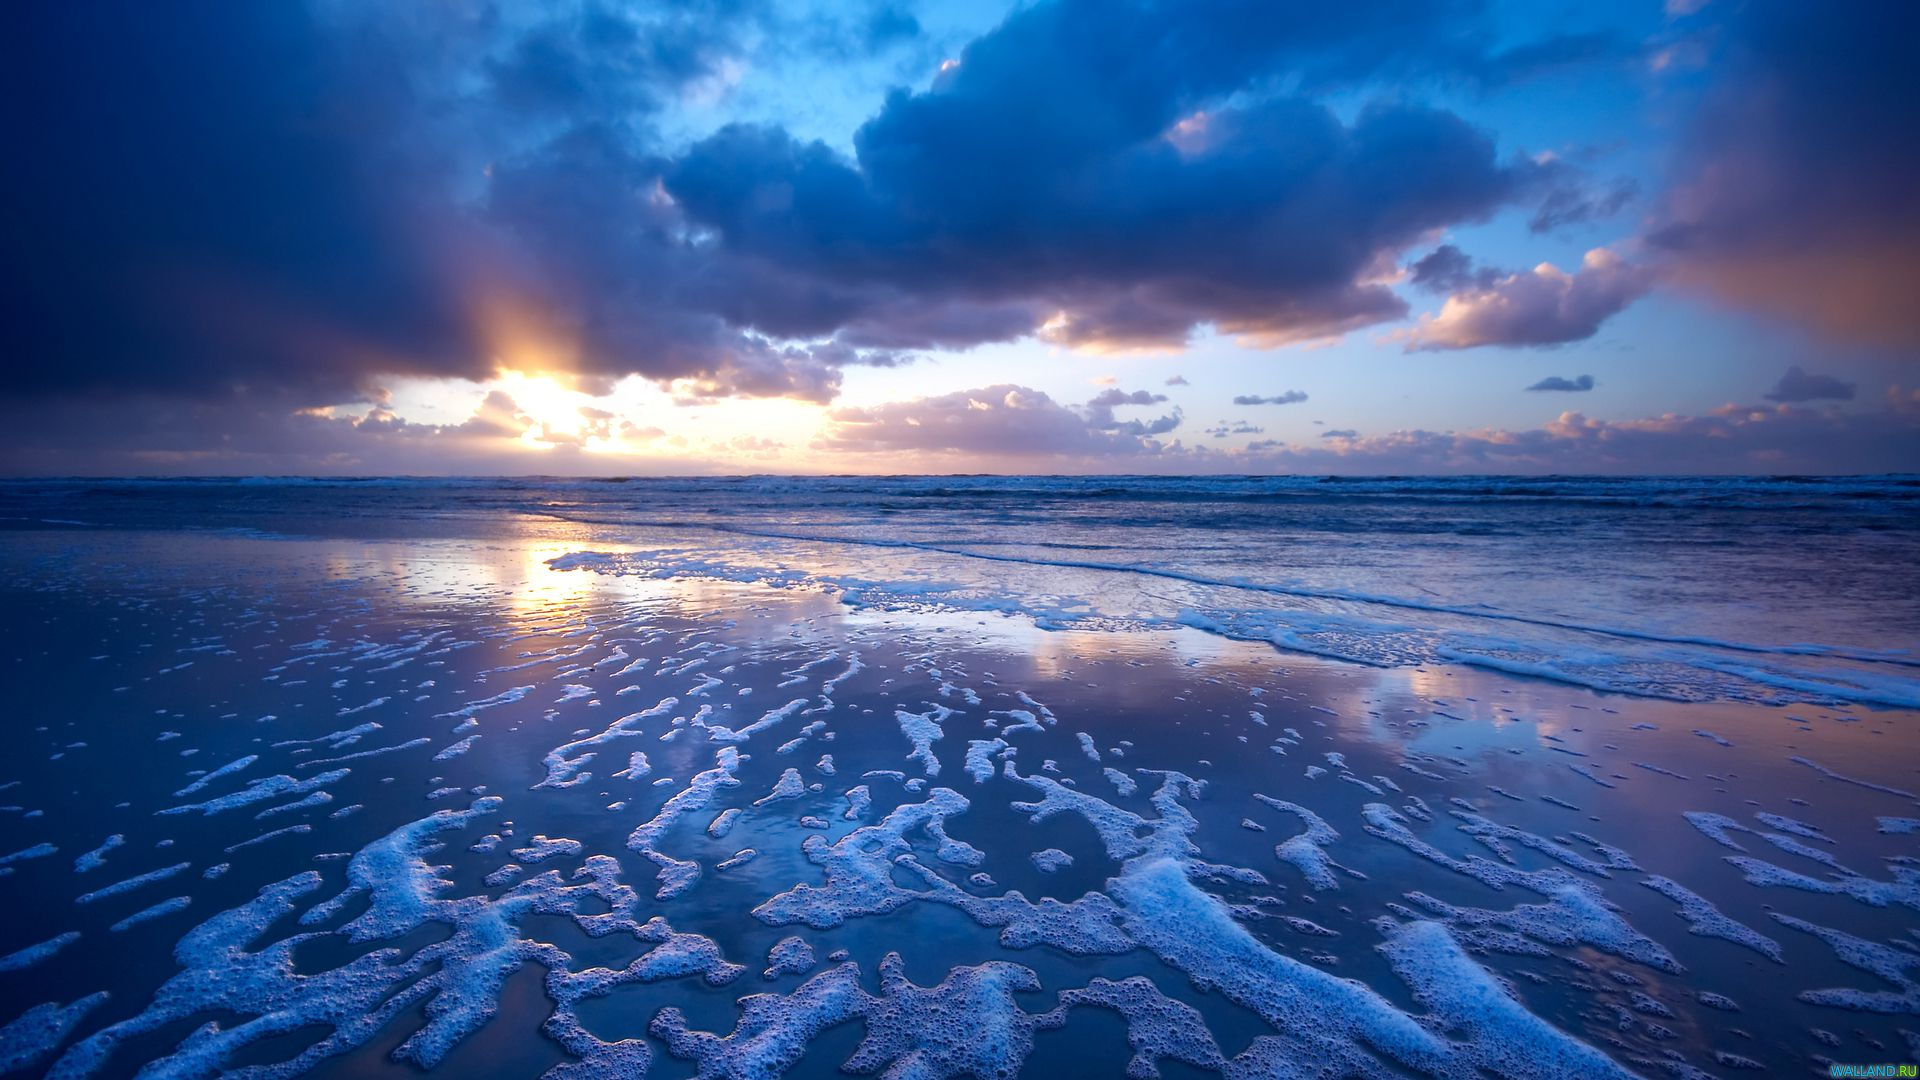 Море (Павел Бучинский) / Стихи.ру: https://www.stihi.ru/2013/03/09/12023